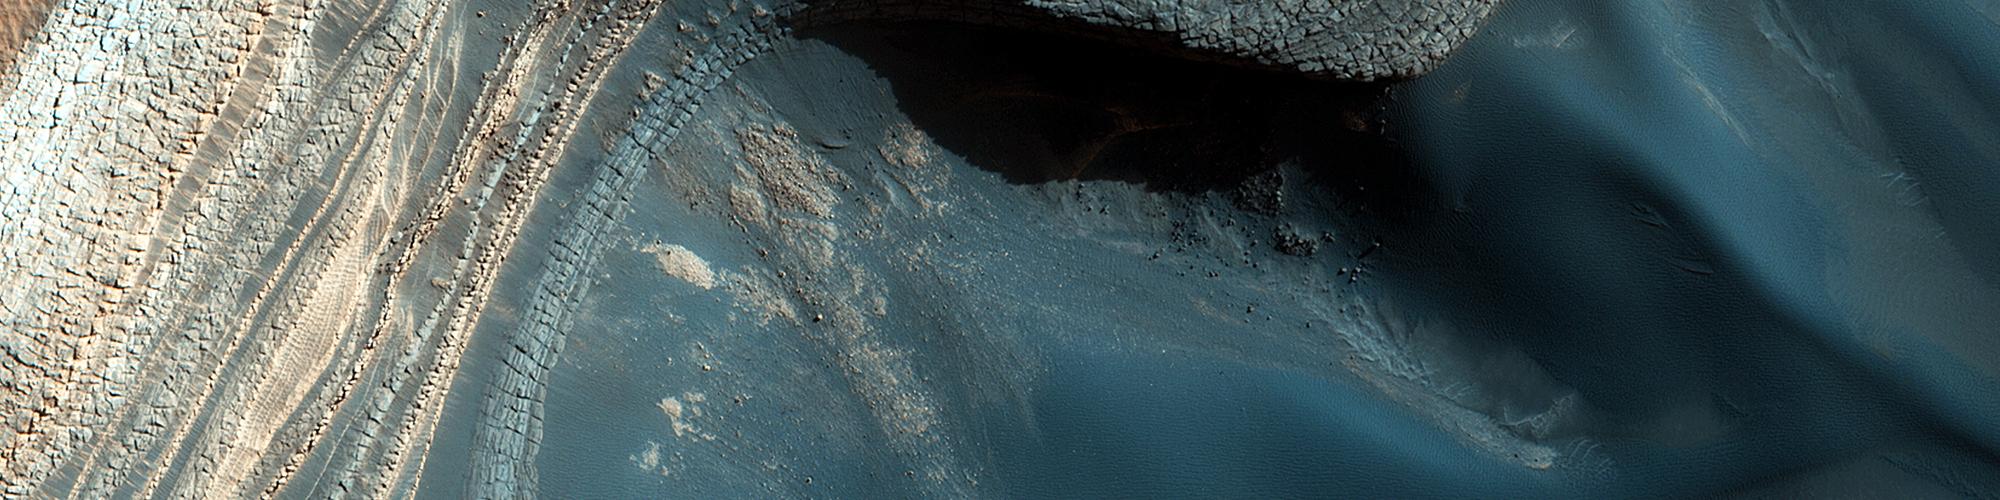 Blocksturz auf den nordpolaren geschichteten Ablagerungen